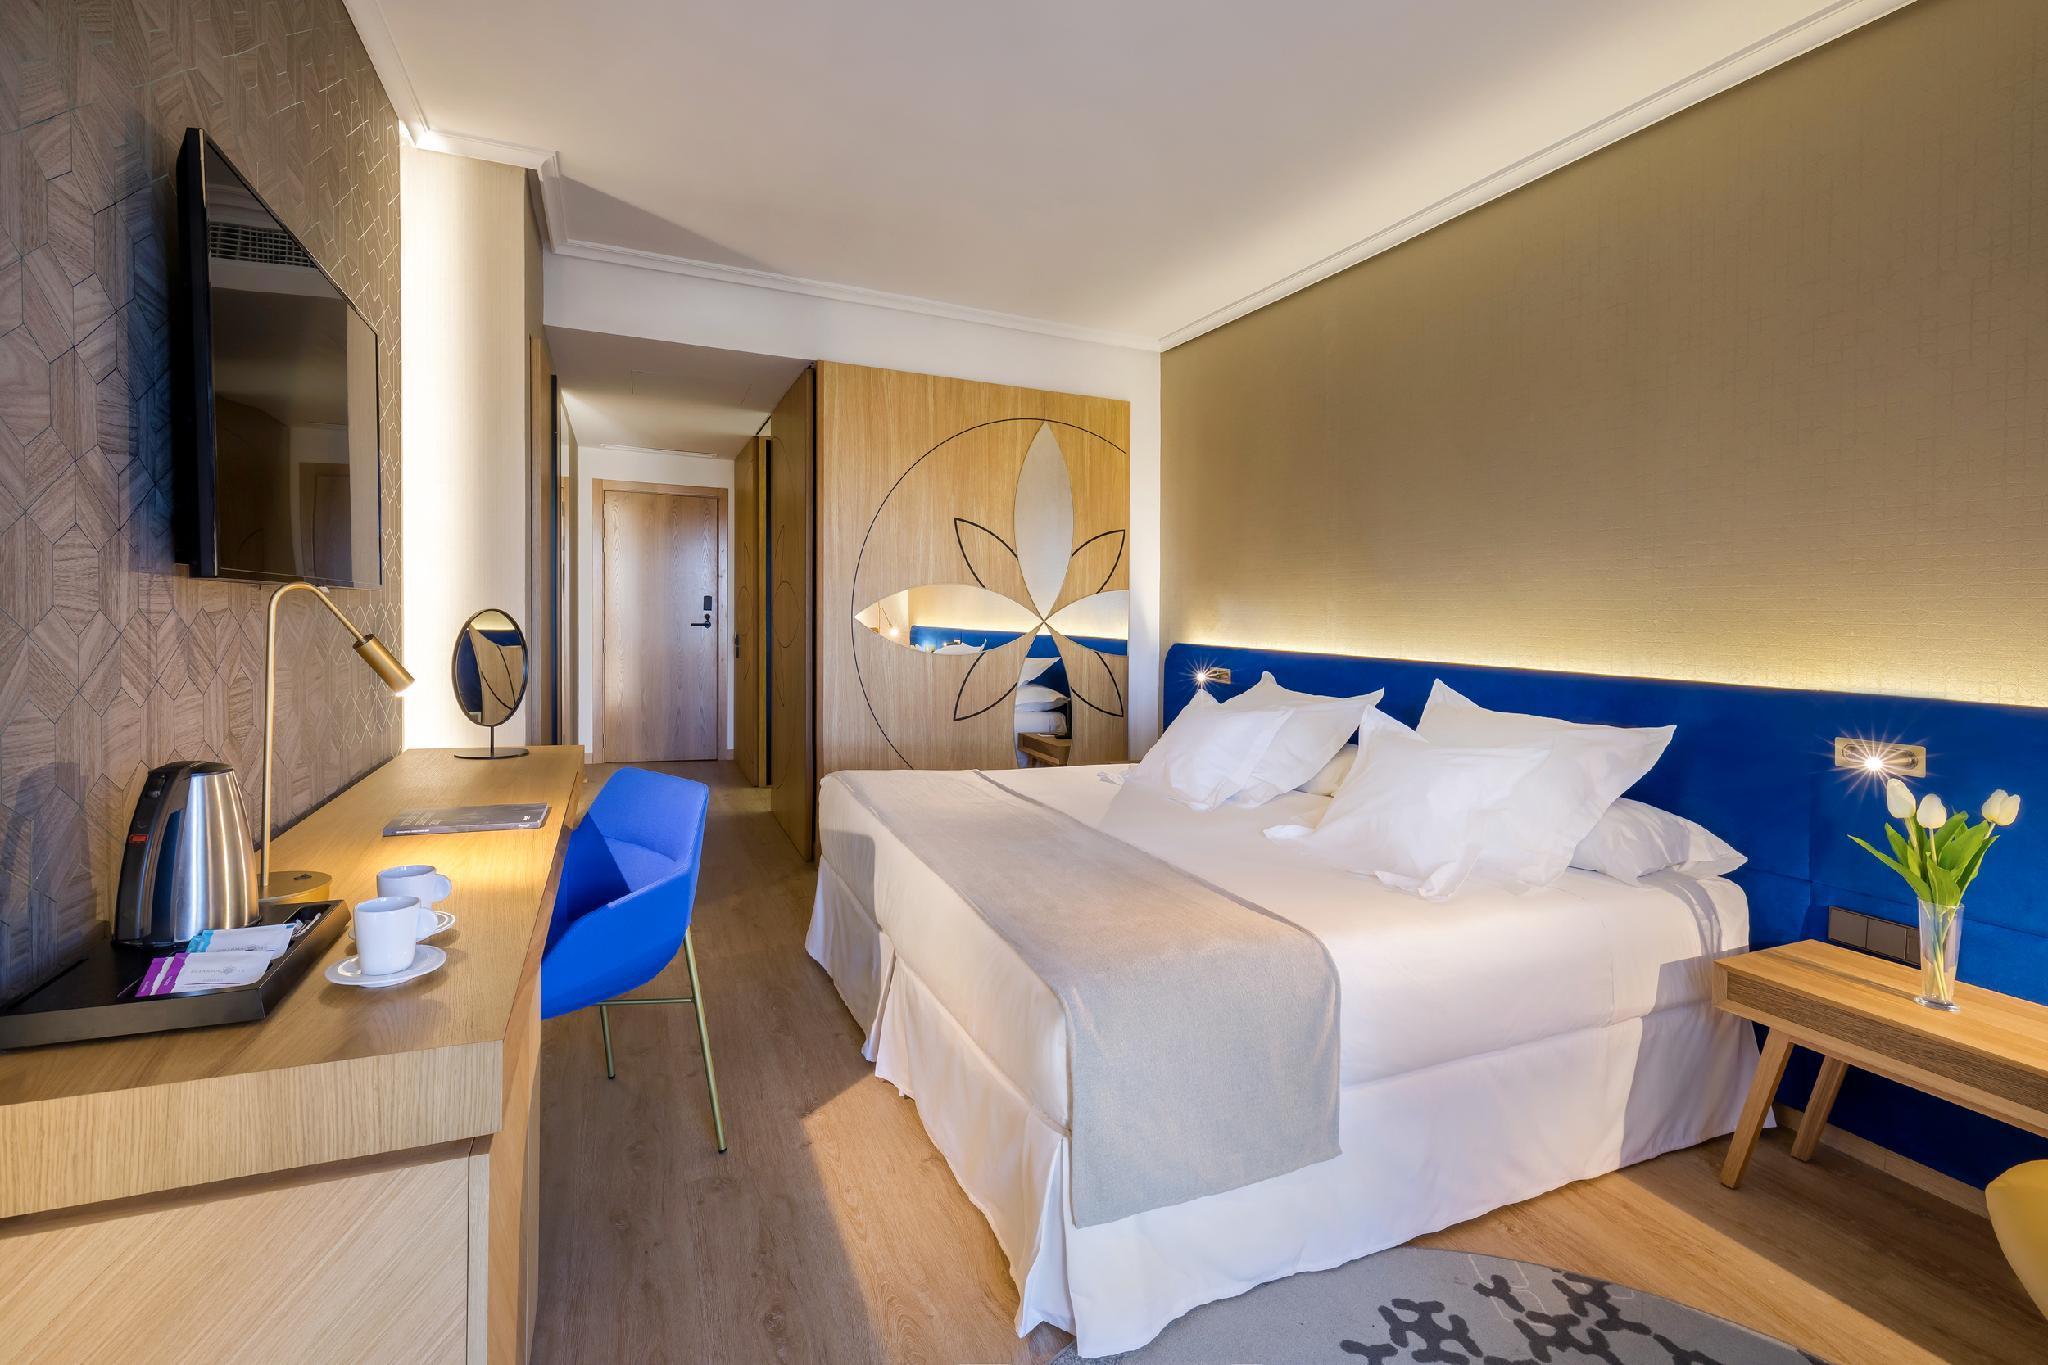 Barcelo Hotel Caceres V Centenario